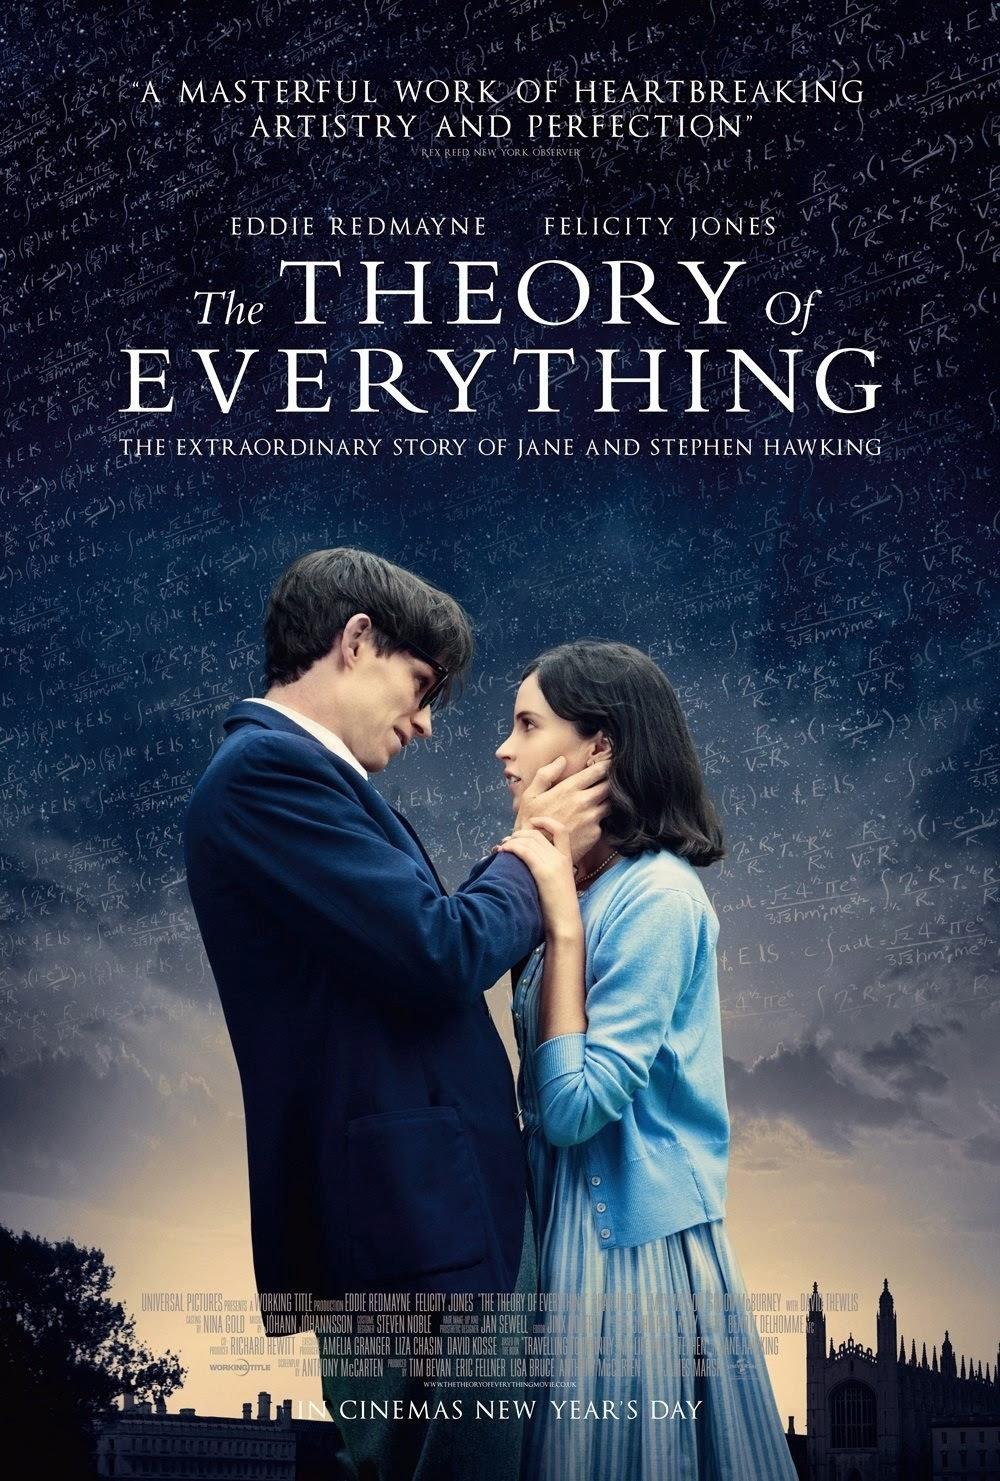 The Theory of Everything ความรักของสตีเฟน ฮอว์กิ้ง [HD]